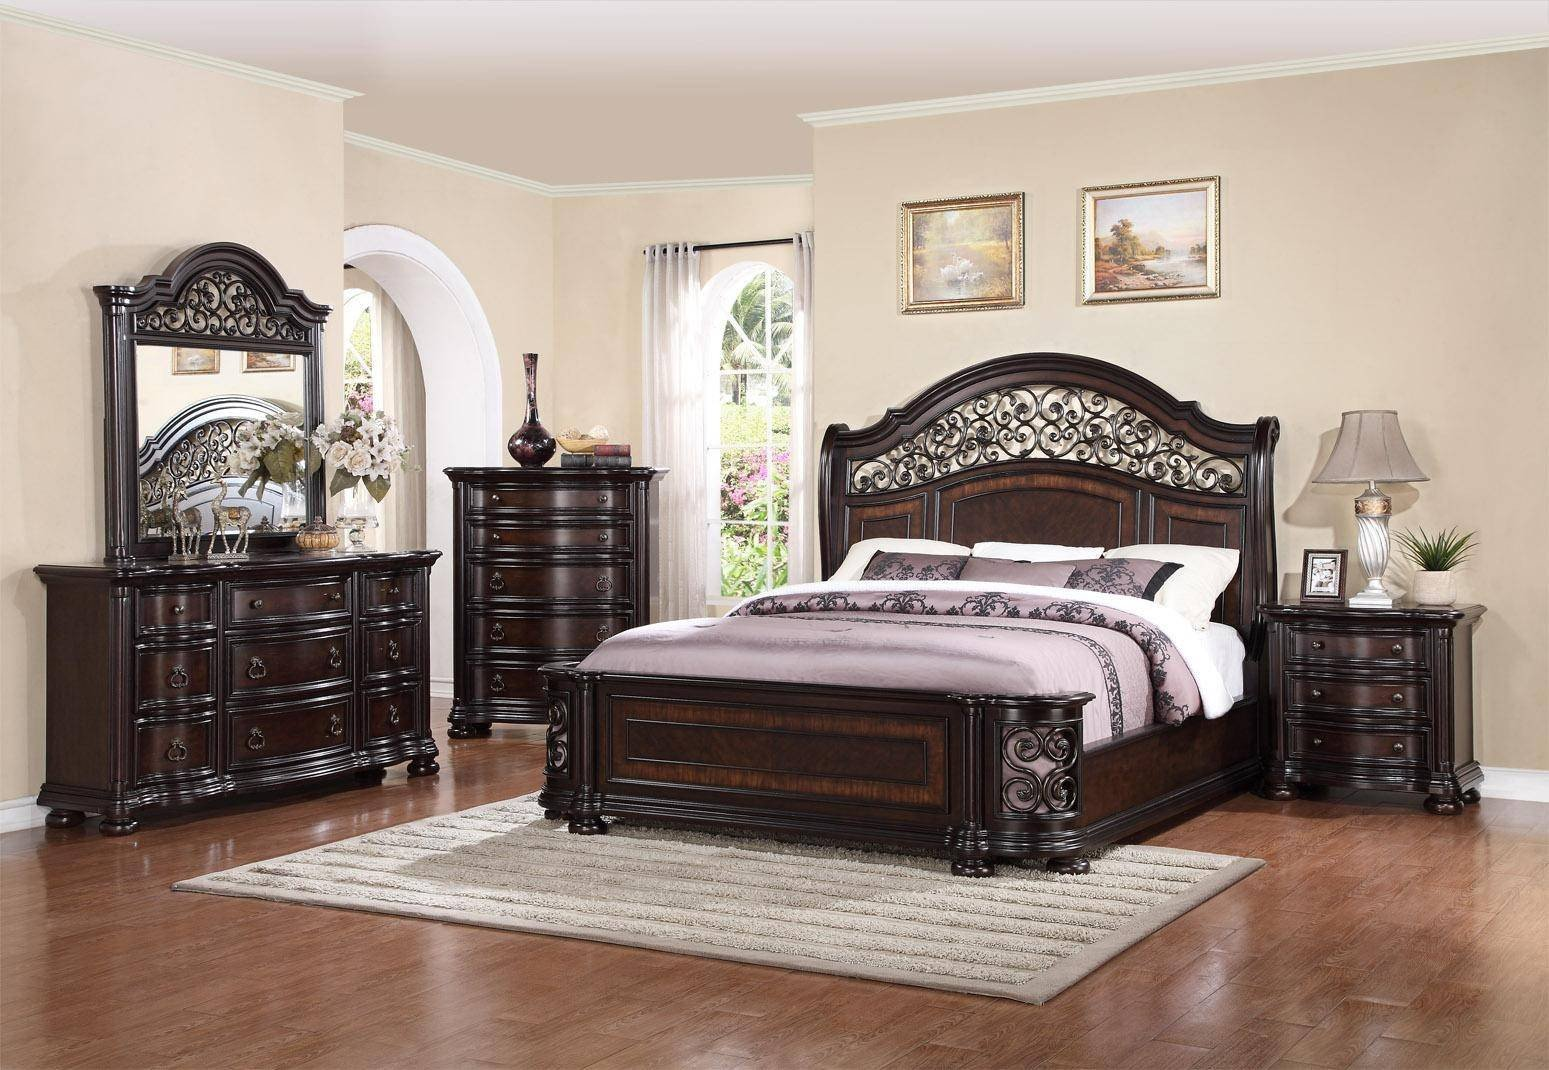 Affordable King Bedroom Set Luxury Mcferran B366 Allison Espresso Finish solid Hardwood